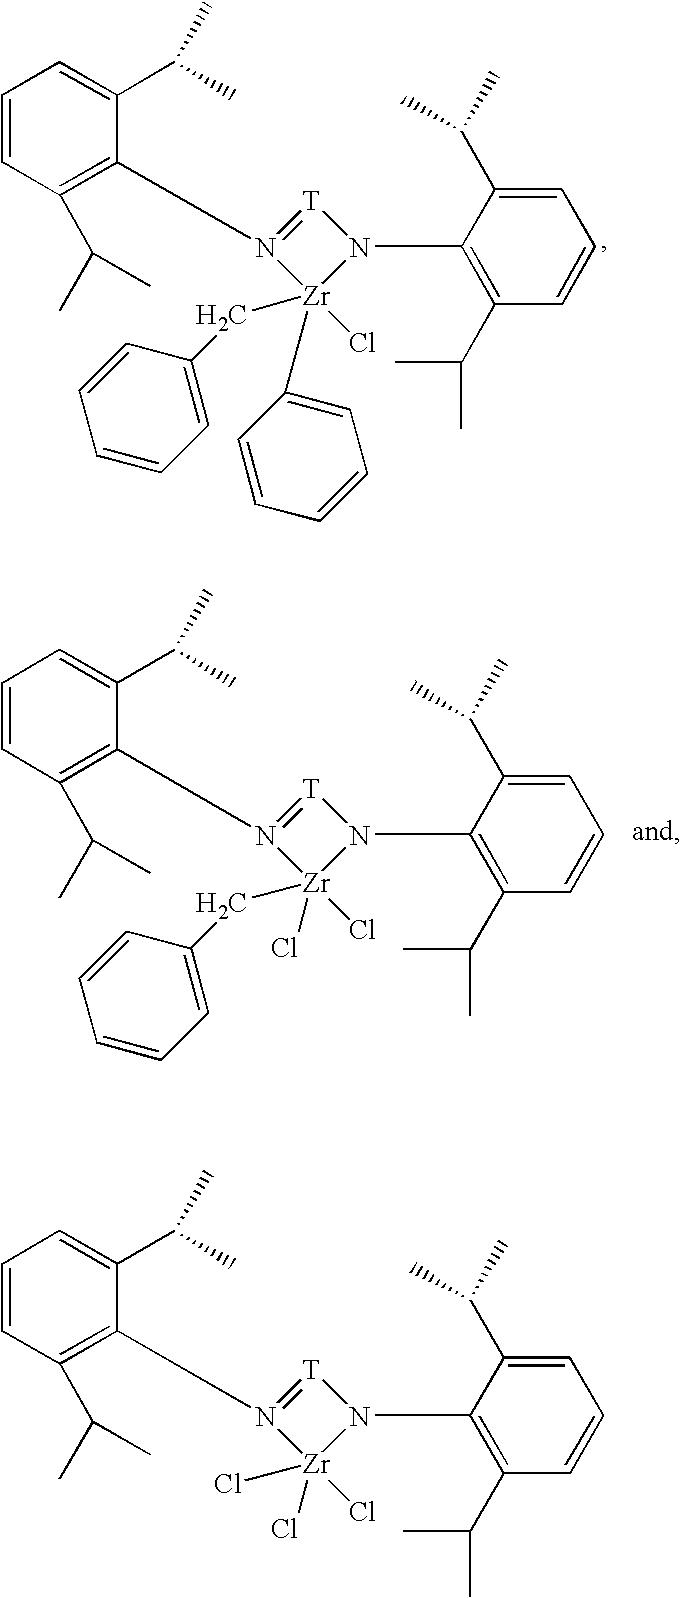 Figure US07199255-20070403-C00018